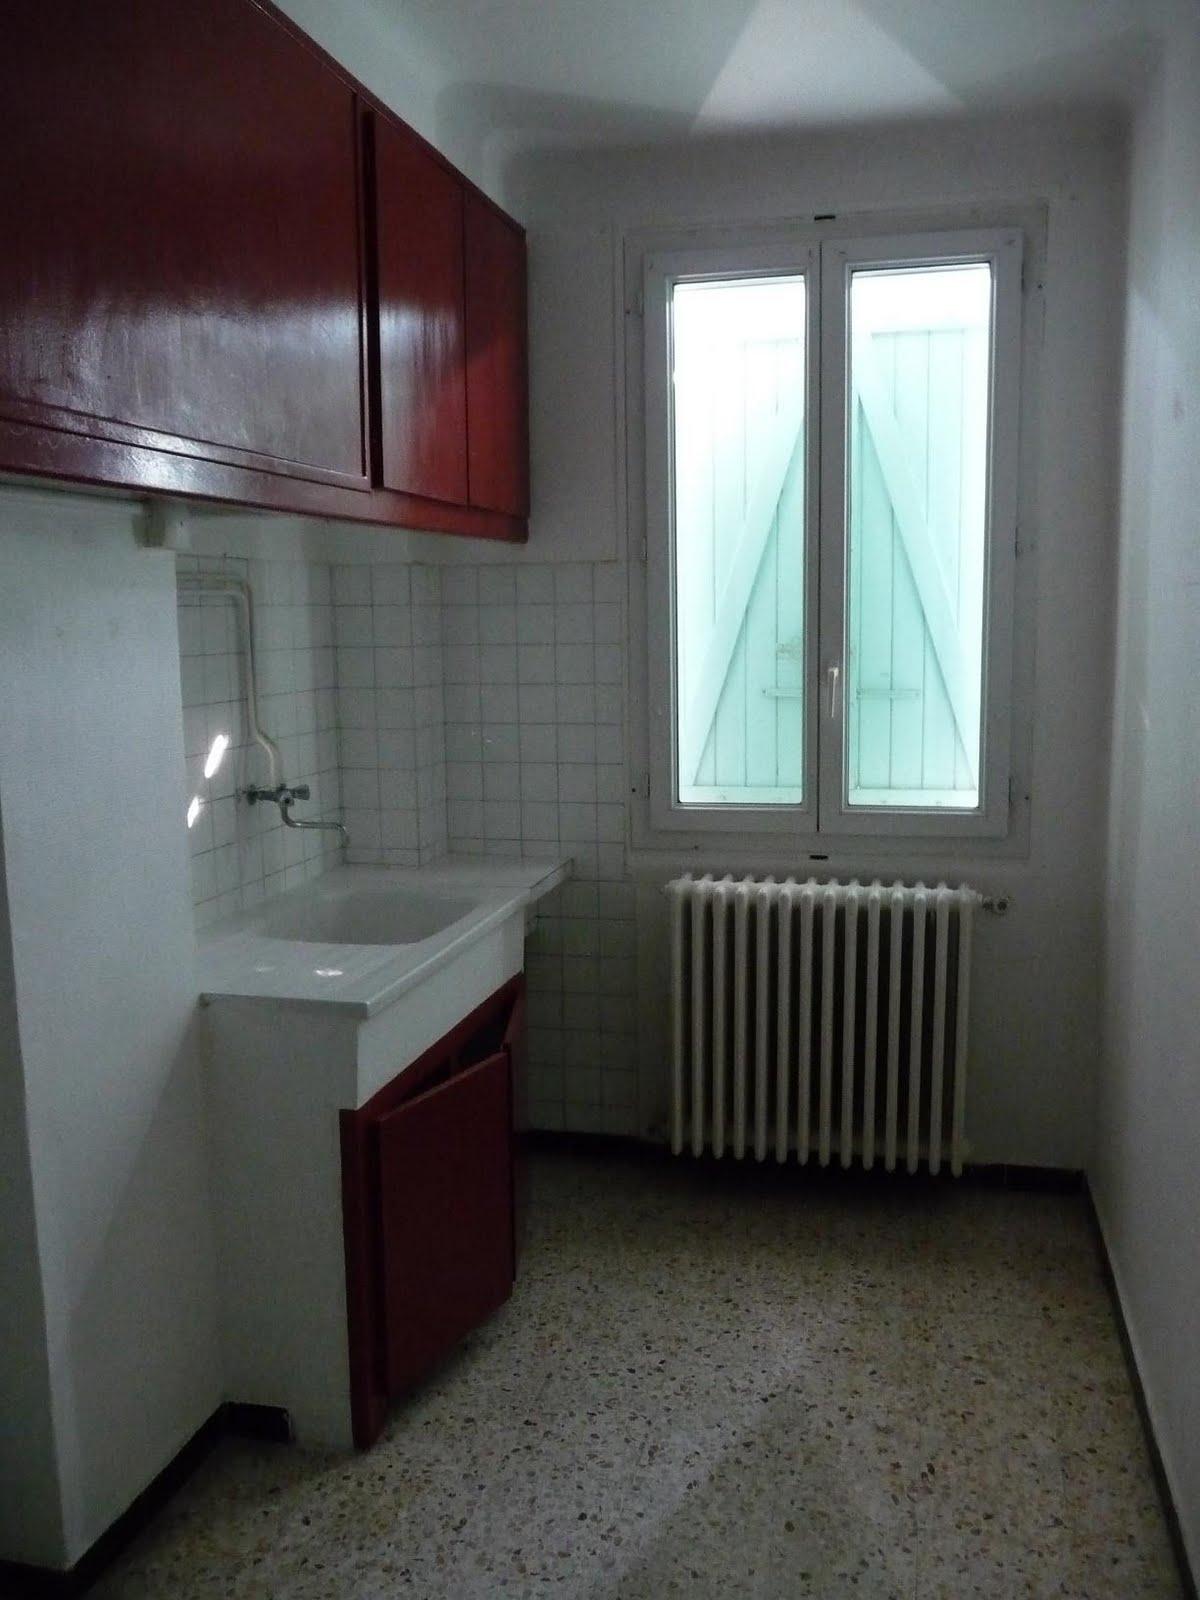 les petites combines d 39 hanae petite pi ce petit budget cuisine blanche grise au go t r tro. Black Bedroom Furniture Sets. Home Design Ideas